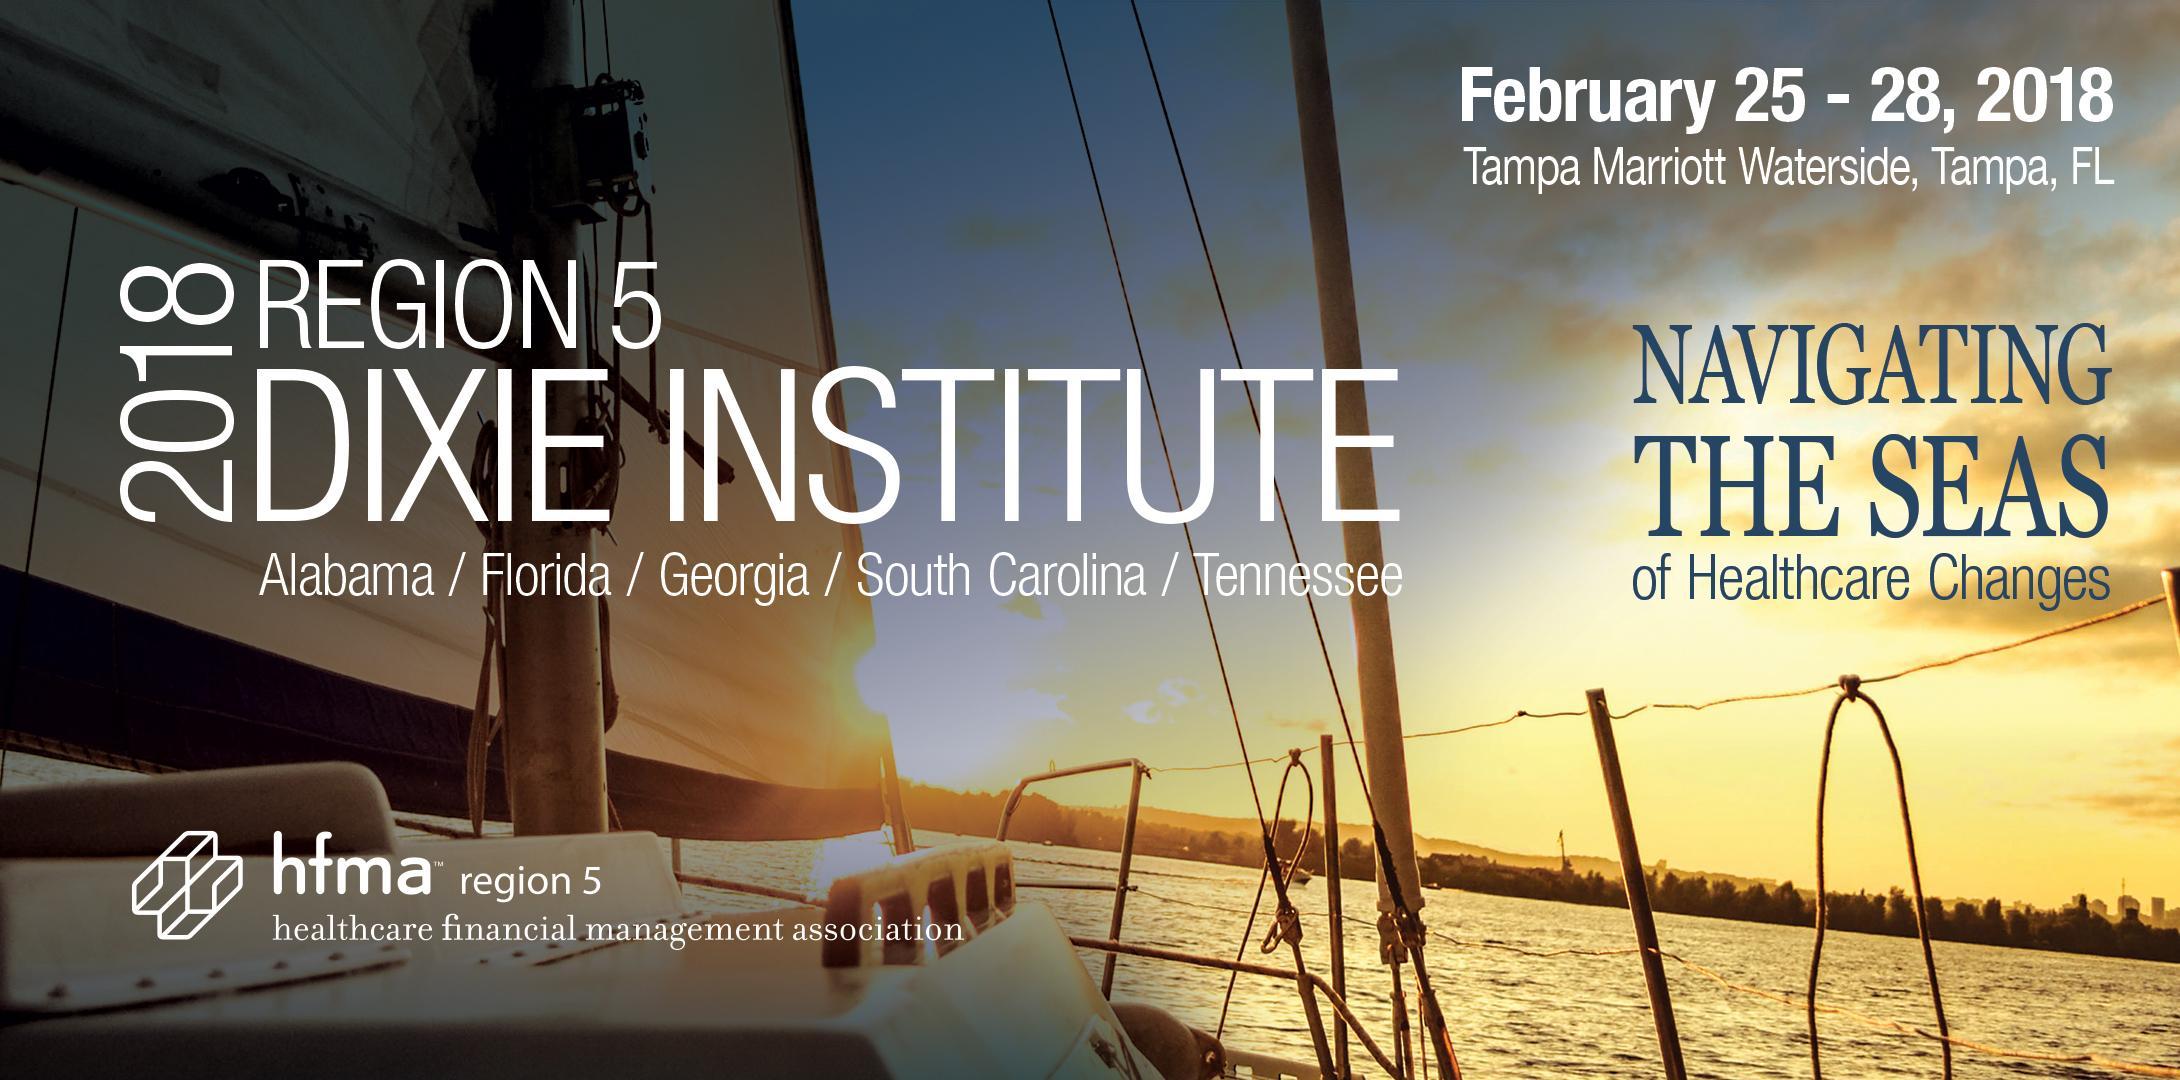 2018 HFMA Region 5 Dixie Institute Exhibiting